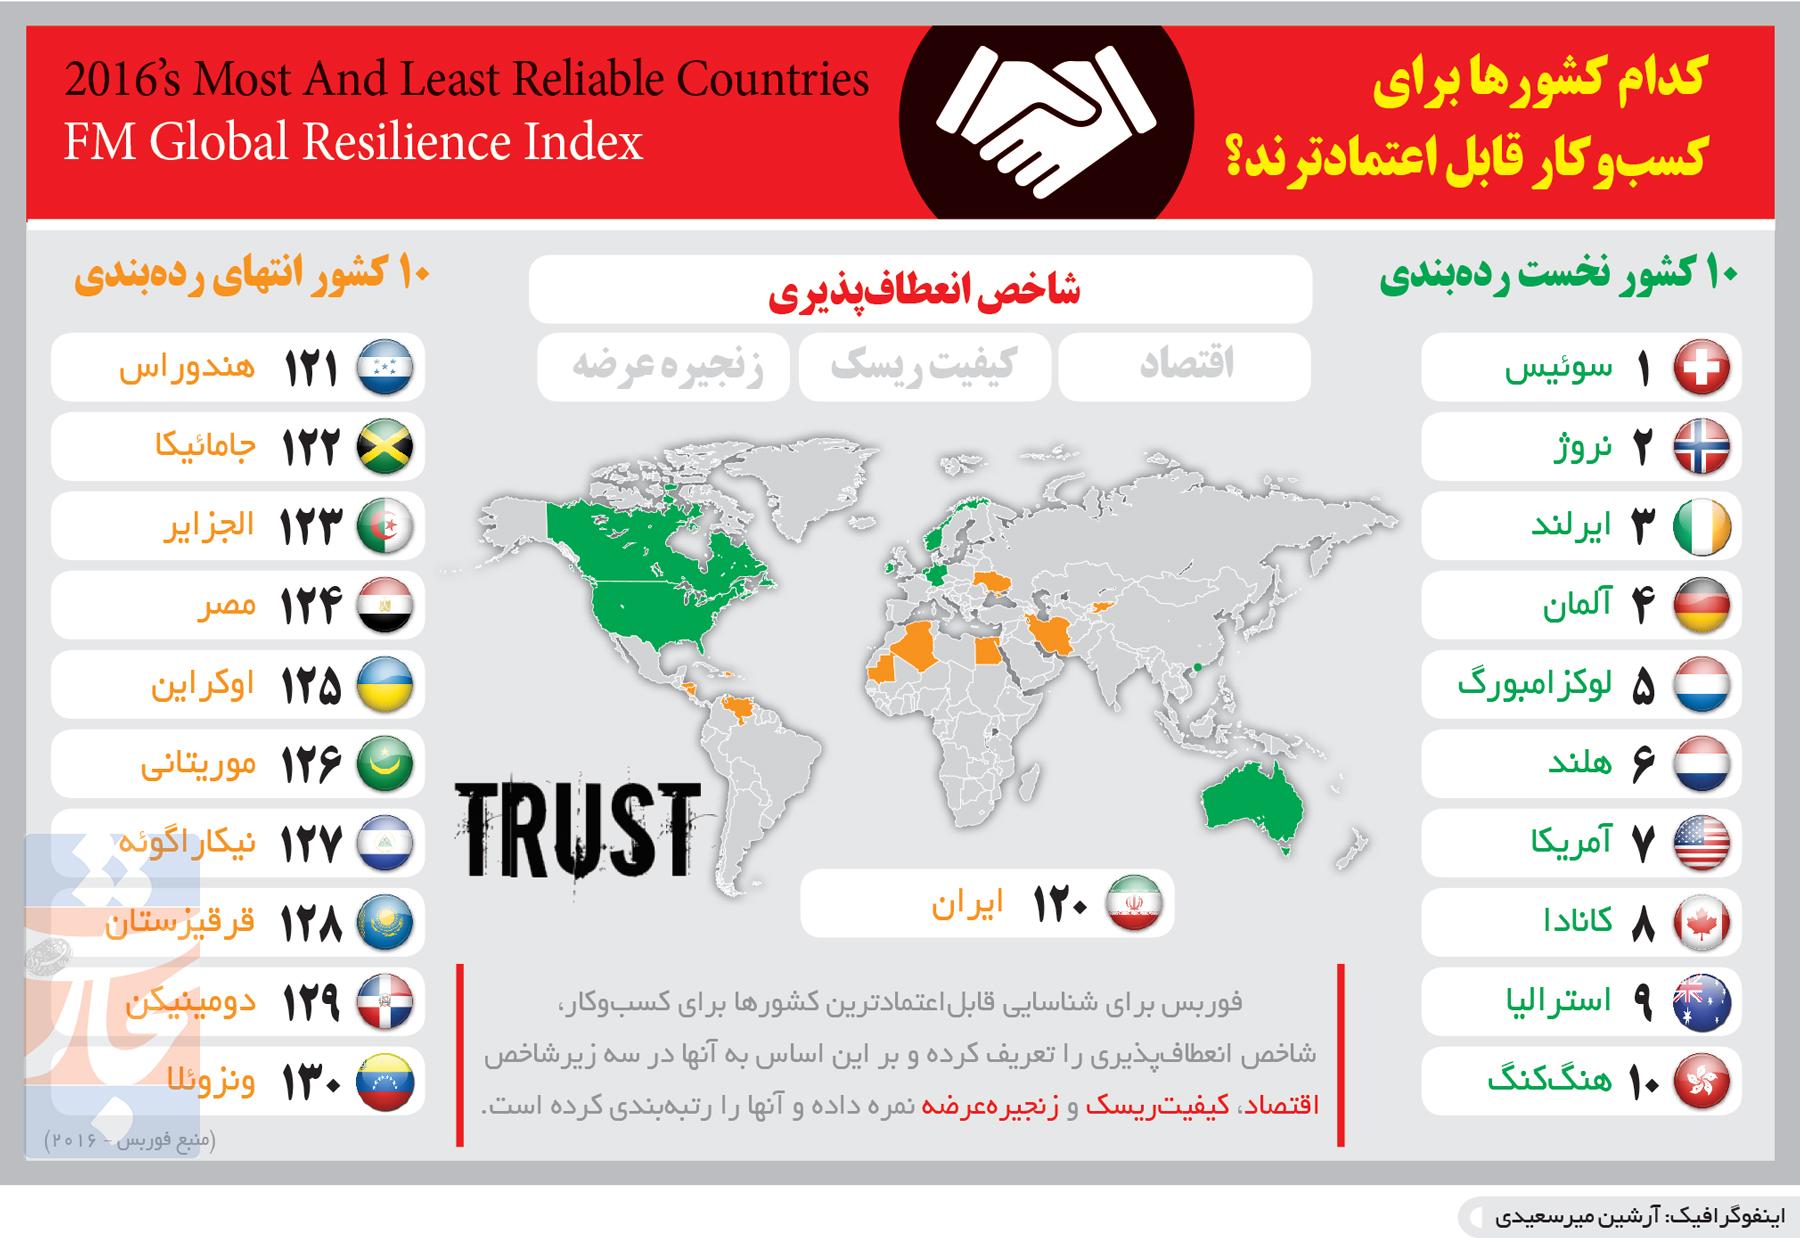 تجارت- فردا- اعتماد تجاری(اینفوگرافیک)